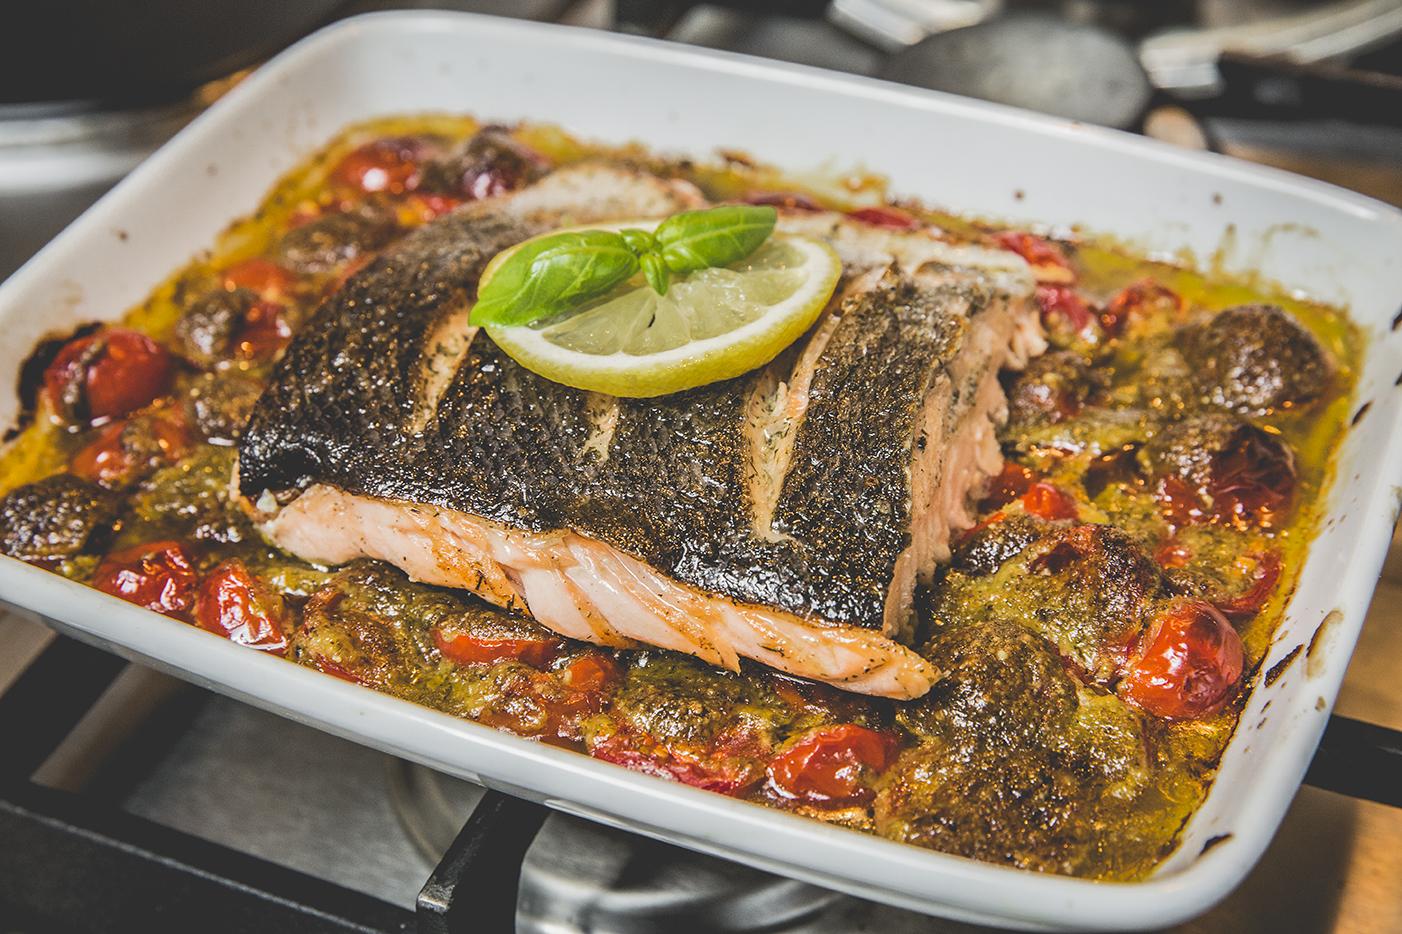 Bak de pijnboompitten goudbruin in een droge pan. Doe de basilicum, olijfolie, parmezaanse kaas, pijnboompitten, zout en peper in een blender en cutter alles tot een gladde massa.